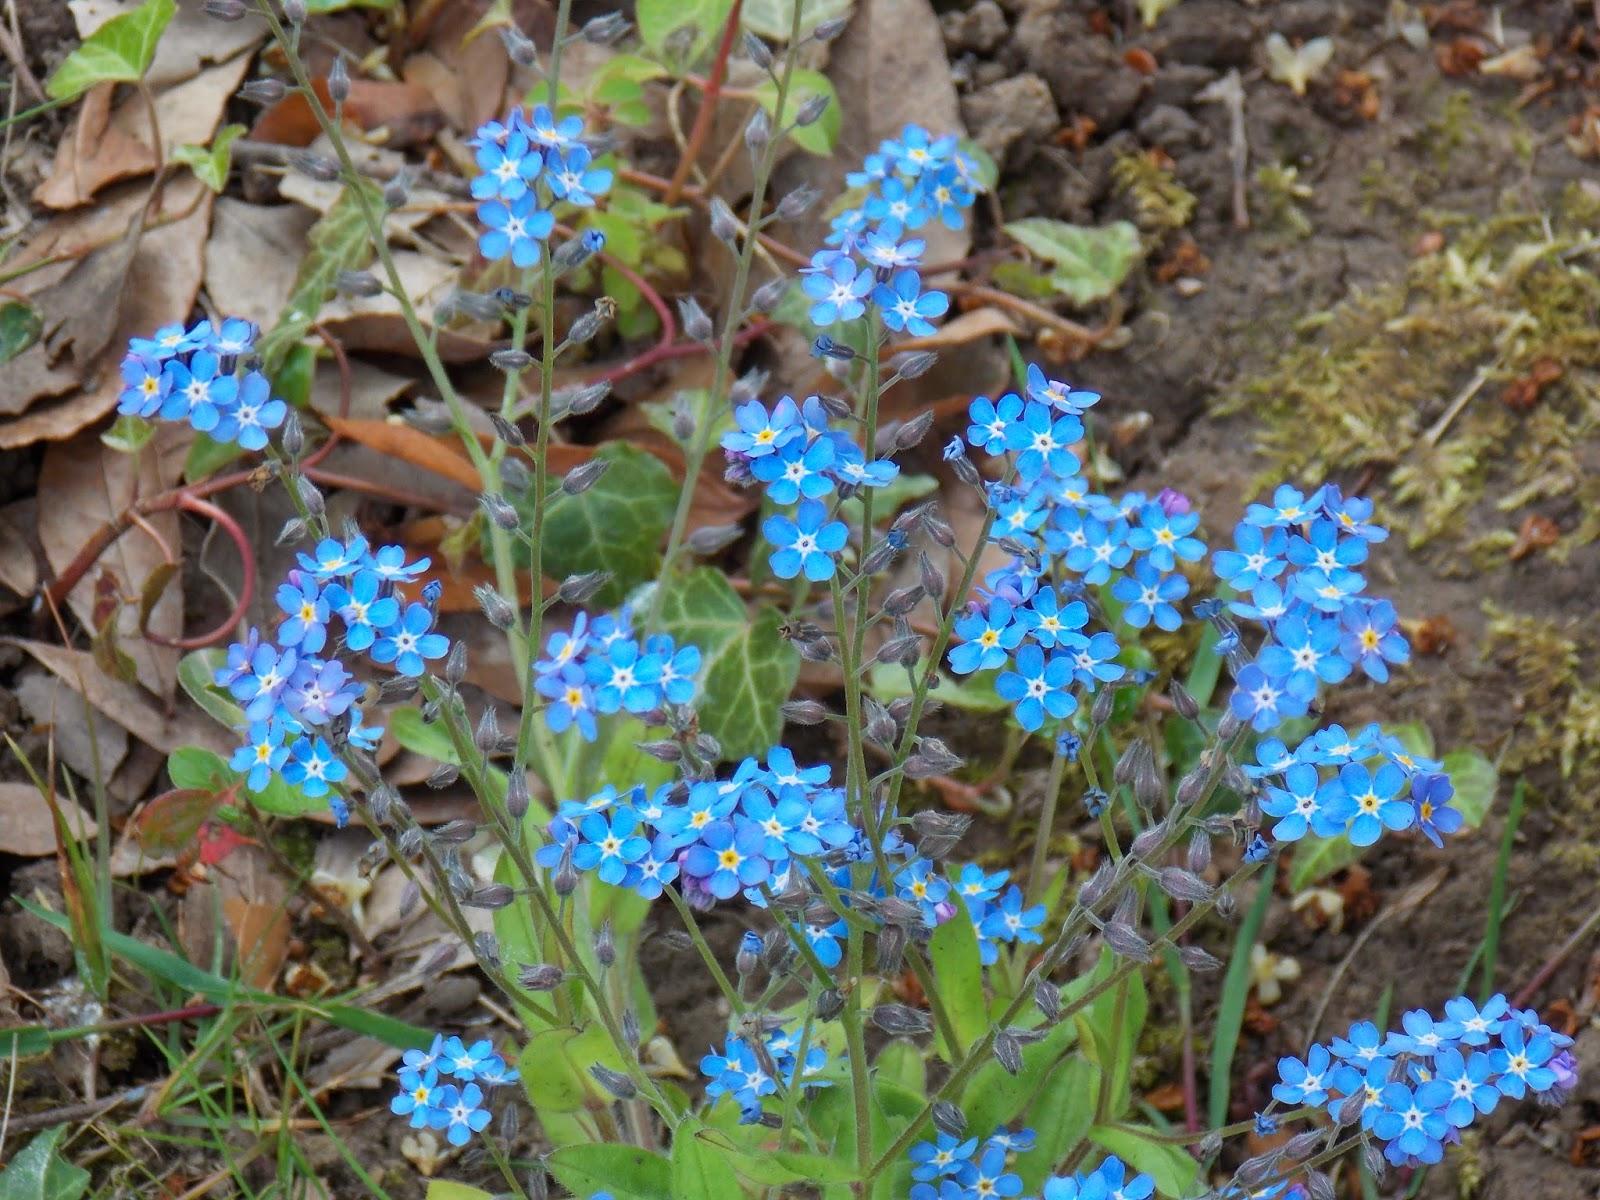 Ecolo bio nature permaculture urbaine et jardinage bio for Guide des fleurs du jardin